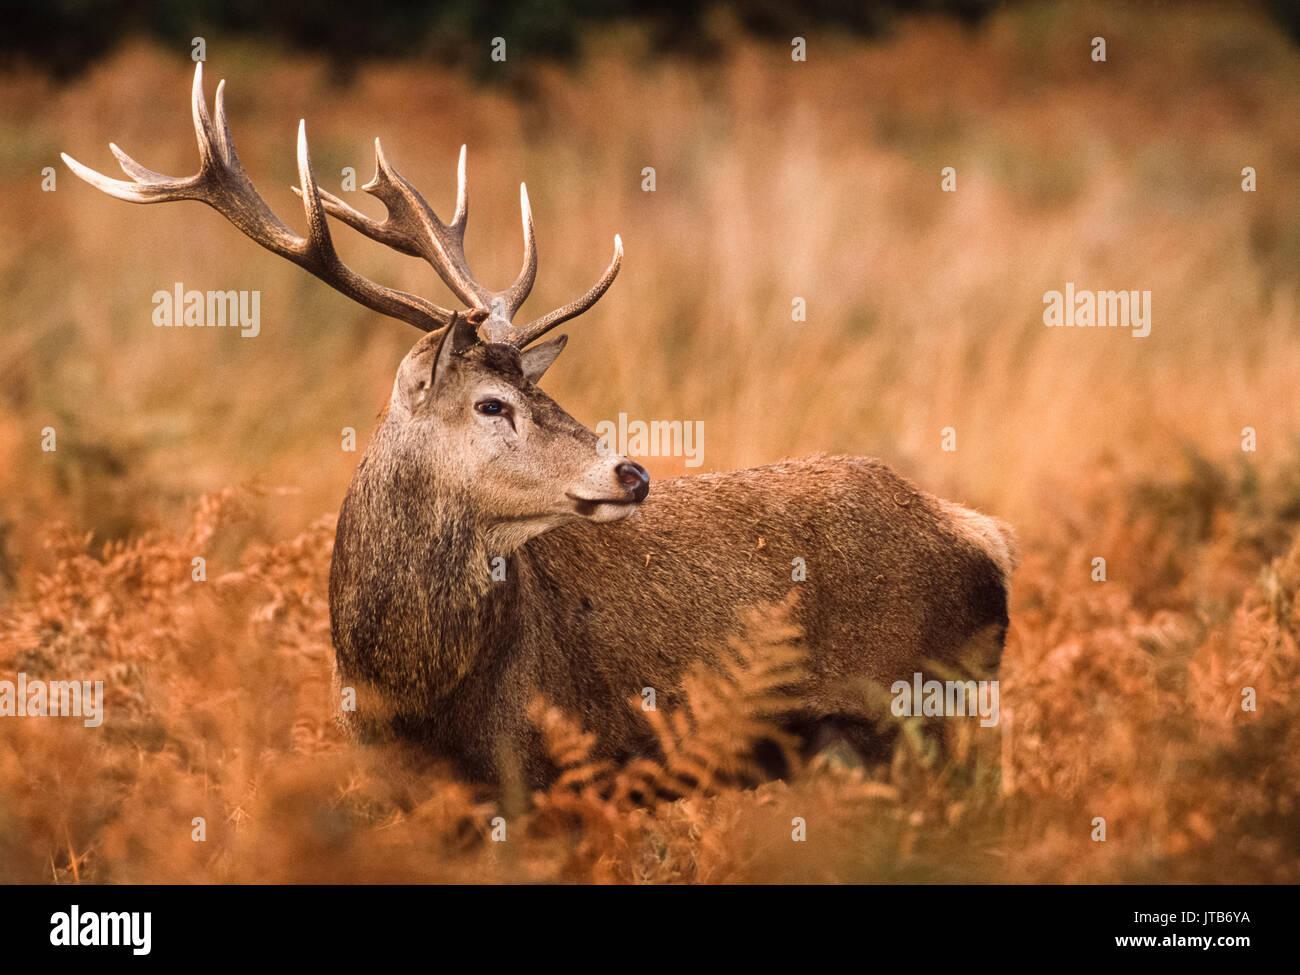 Red Deer stag, (Cervus elaphus), amongst bracken, Richmond Park, London, United Kingdom, UK - Stock Image